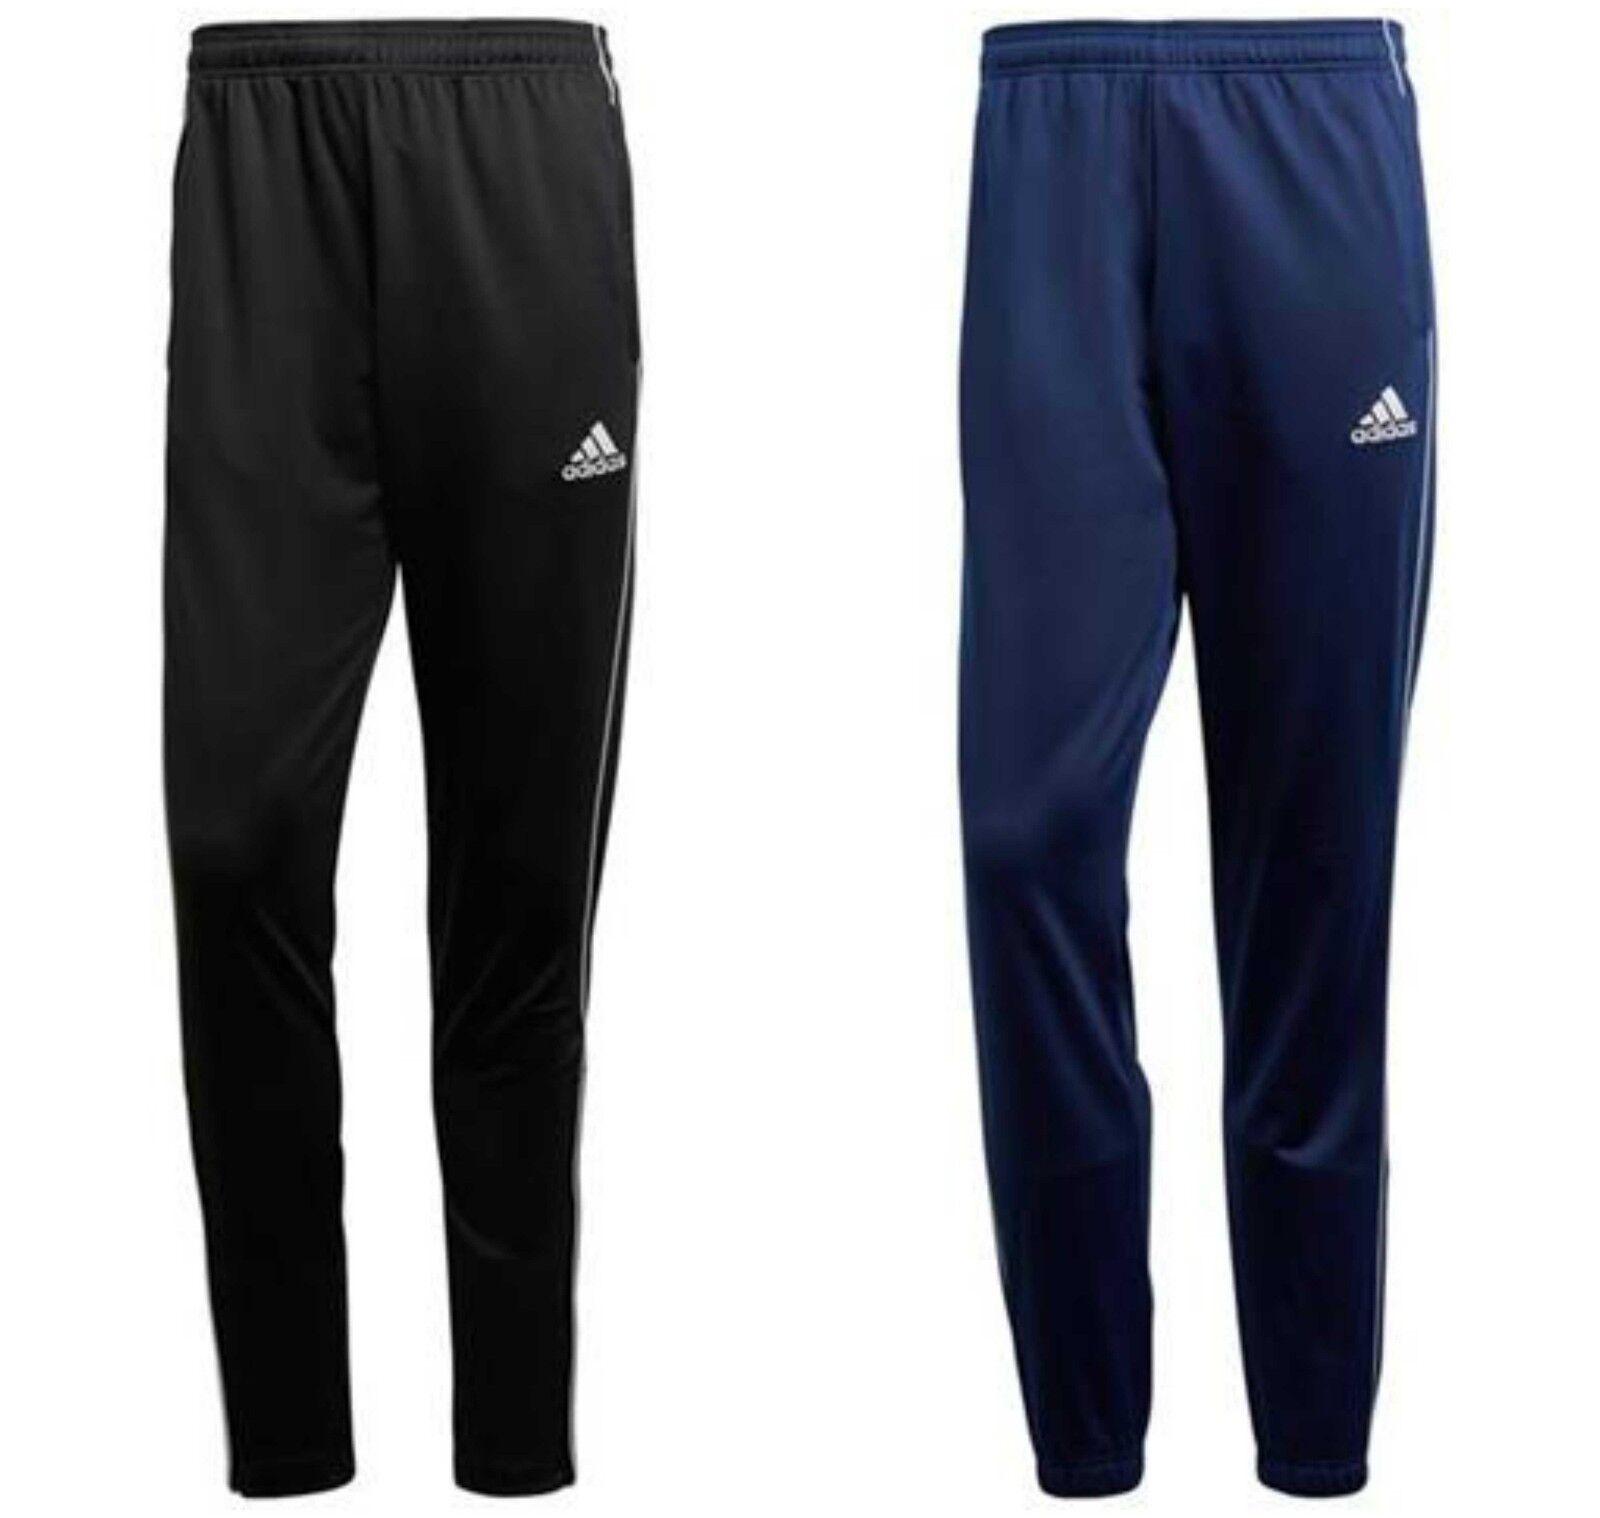 Adidas Core 18 Férfi tréning nadrág Póló alsó nadrág futball tréning